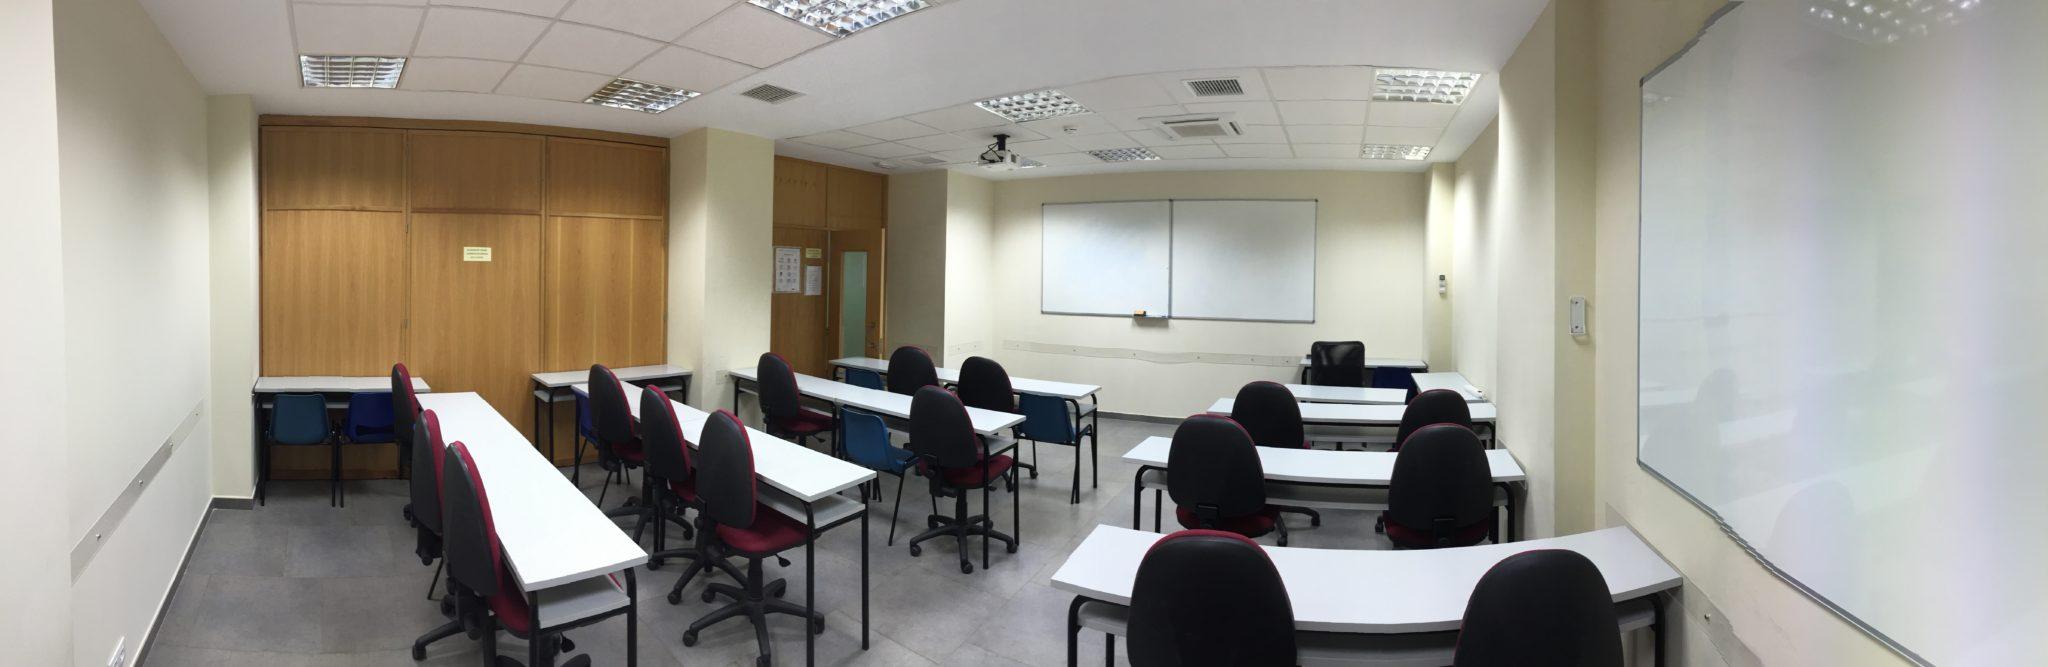 alquiler-de-aulas-para-formación-en-sevilla